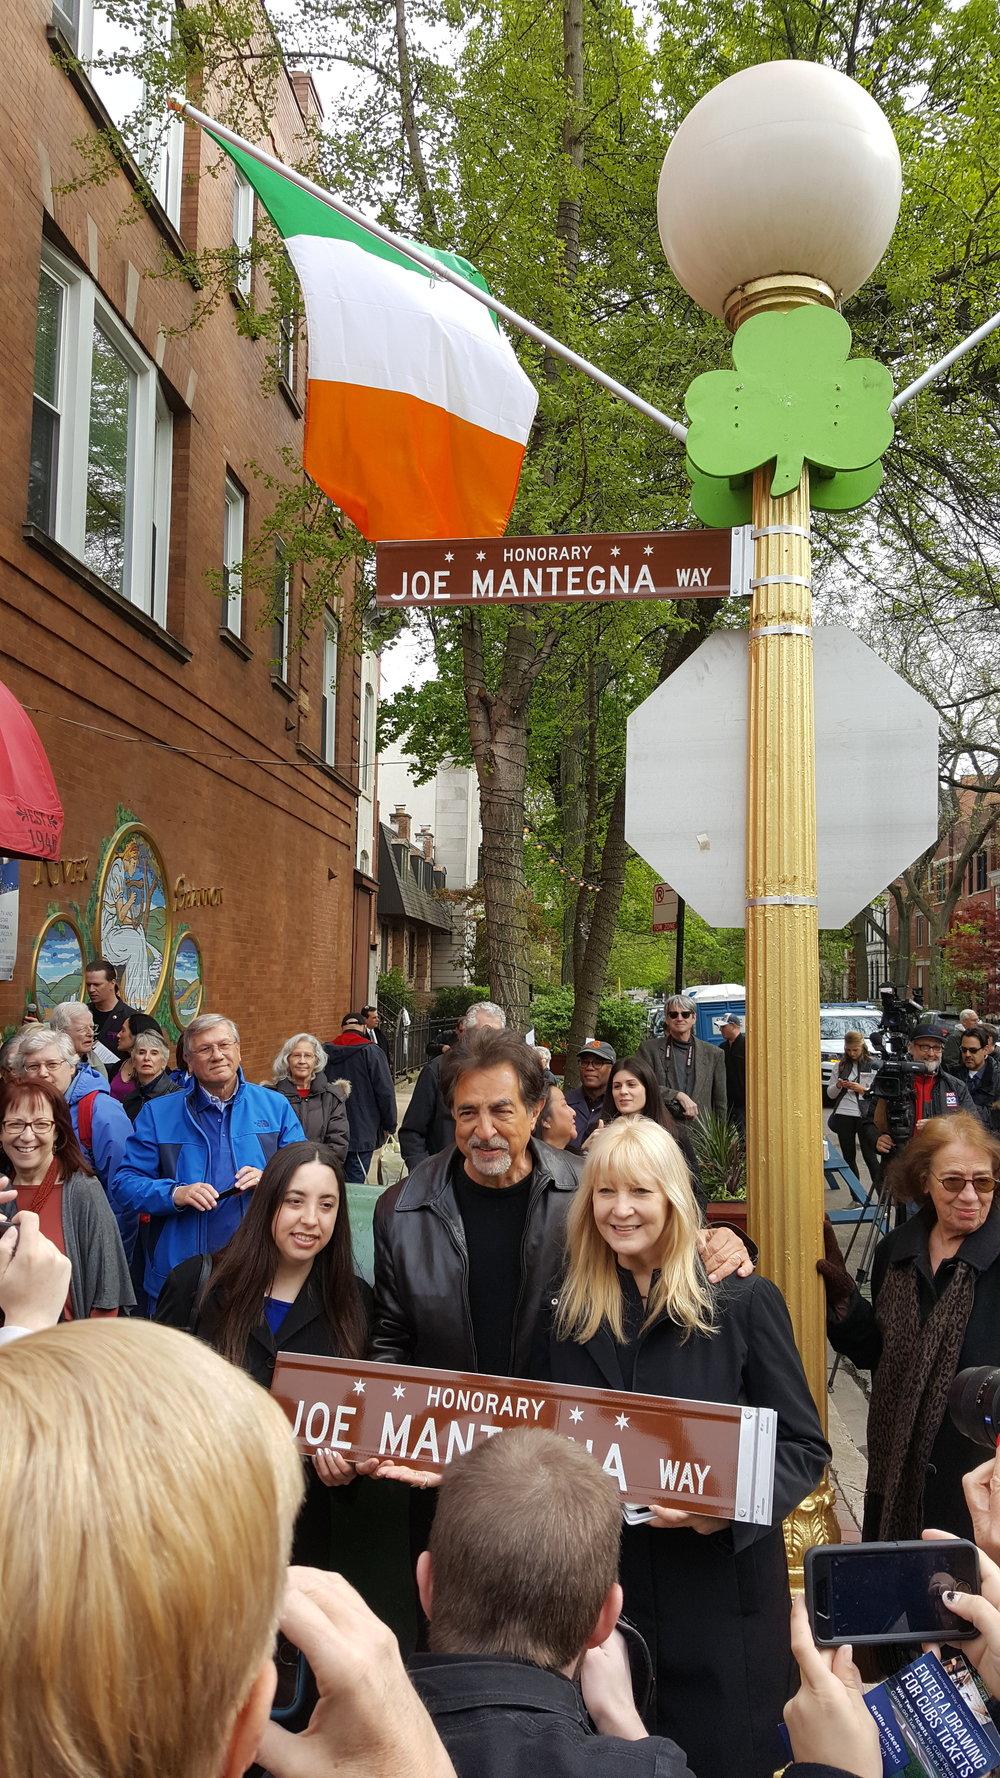 Joe Mantegna Way sign dedication ceremony, May 3, 2017. Photo: Linda Zabors/Honorary Chicago